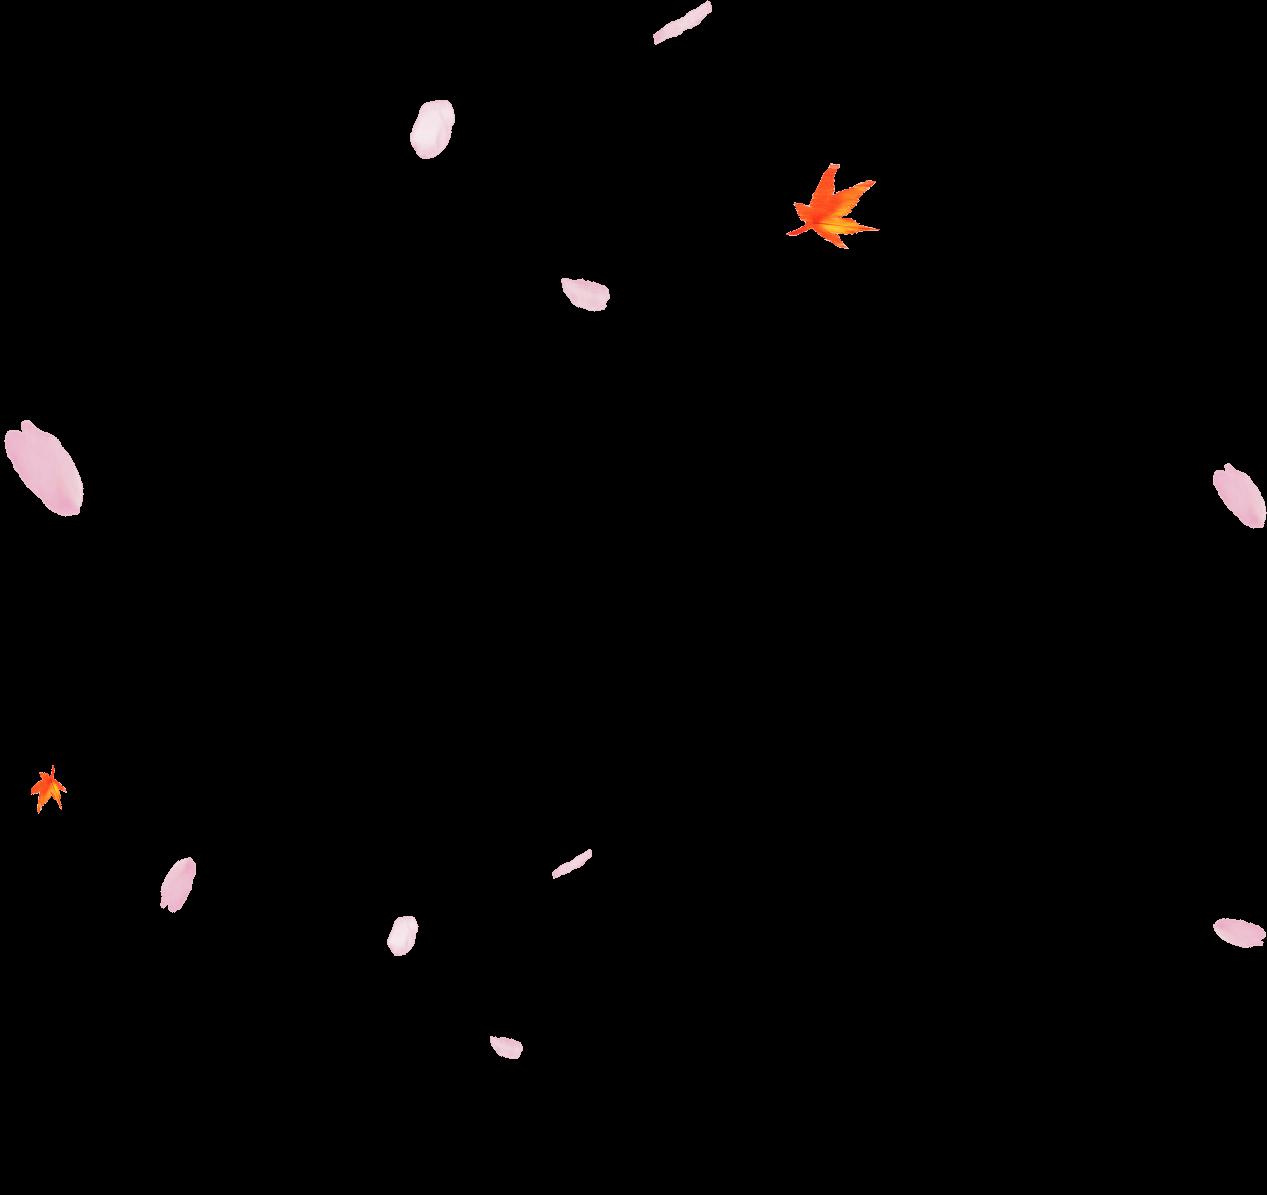 Sakura flower png, Sakura flower png Transparent FREE for ...